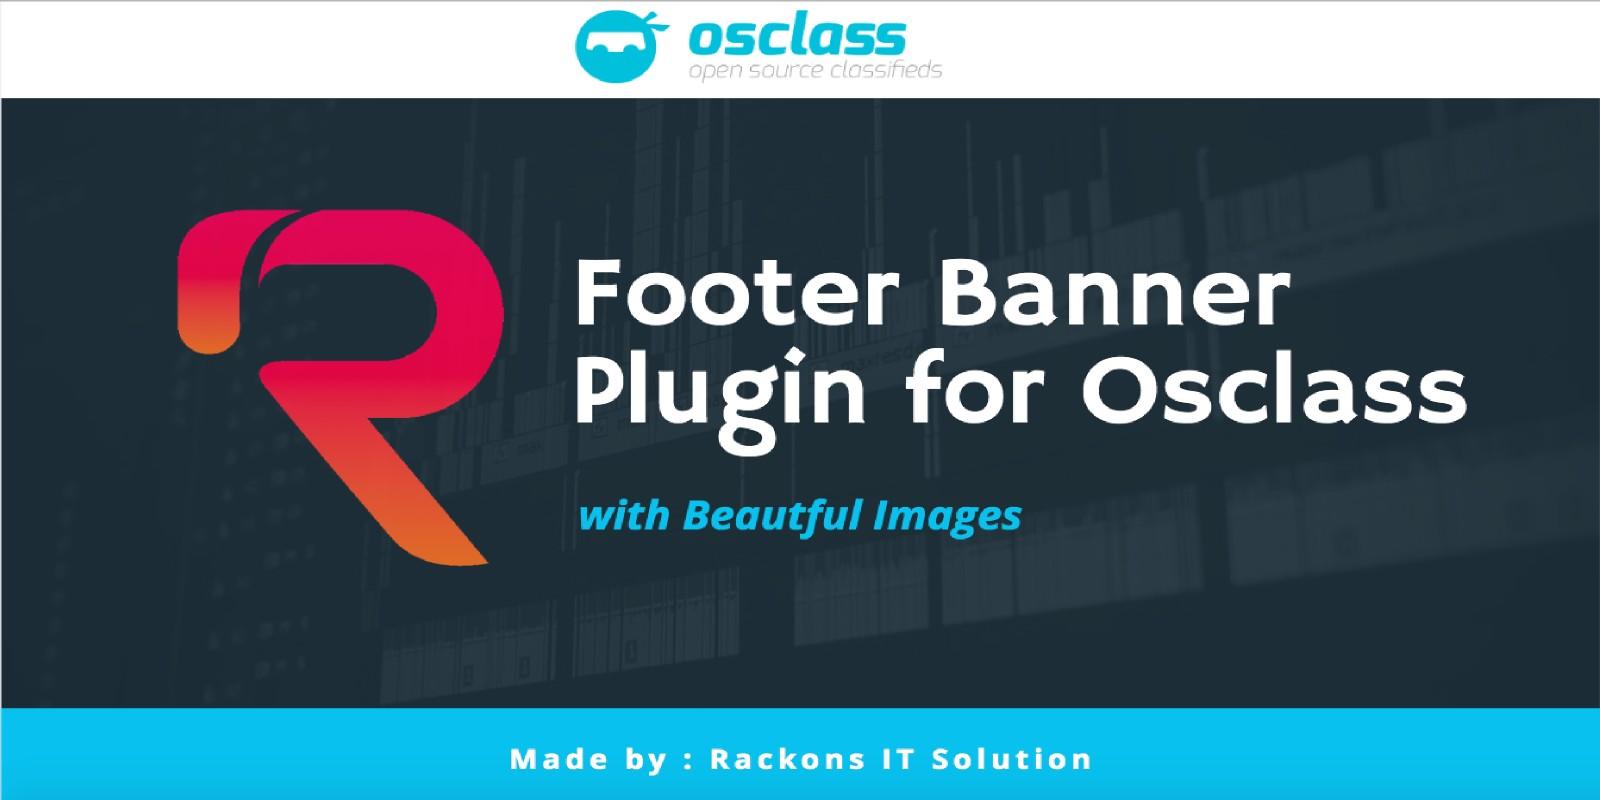 Footer Banner Plugin for Osclass